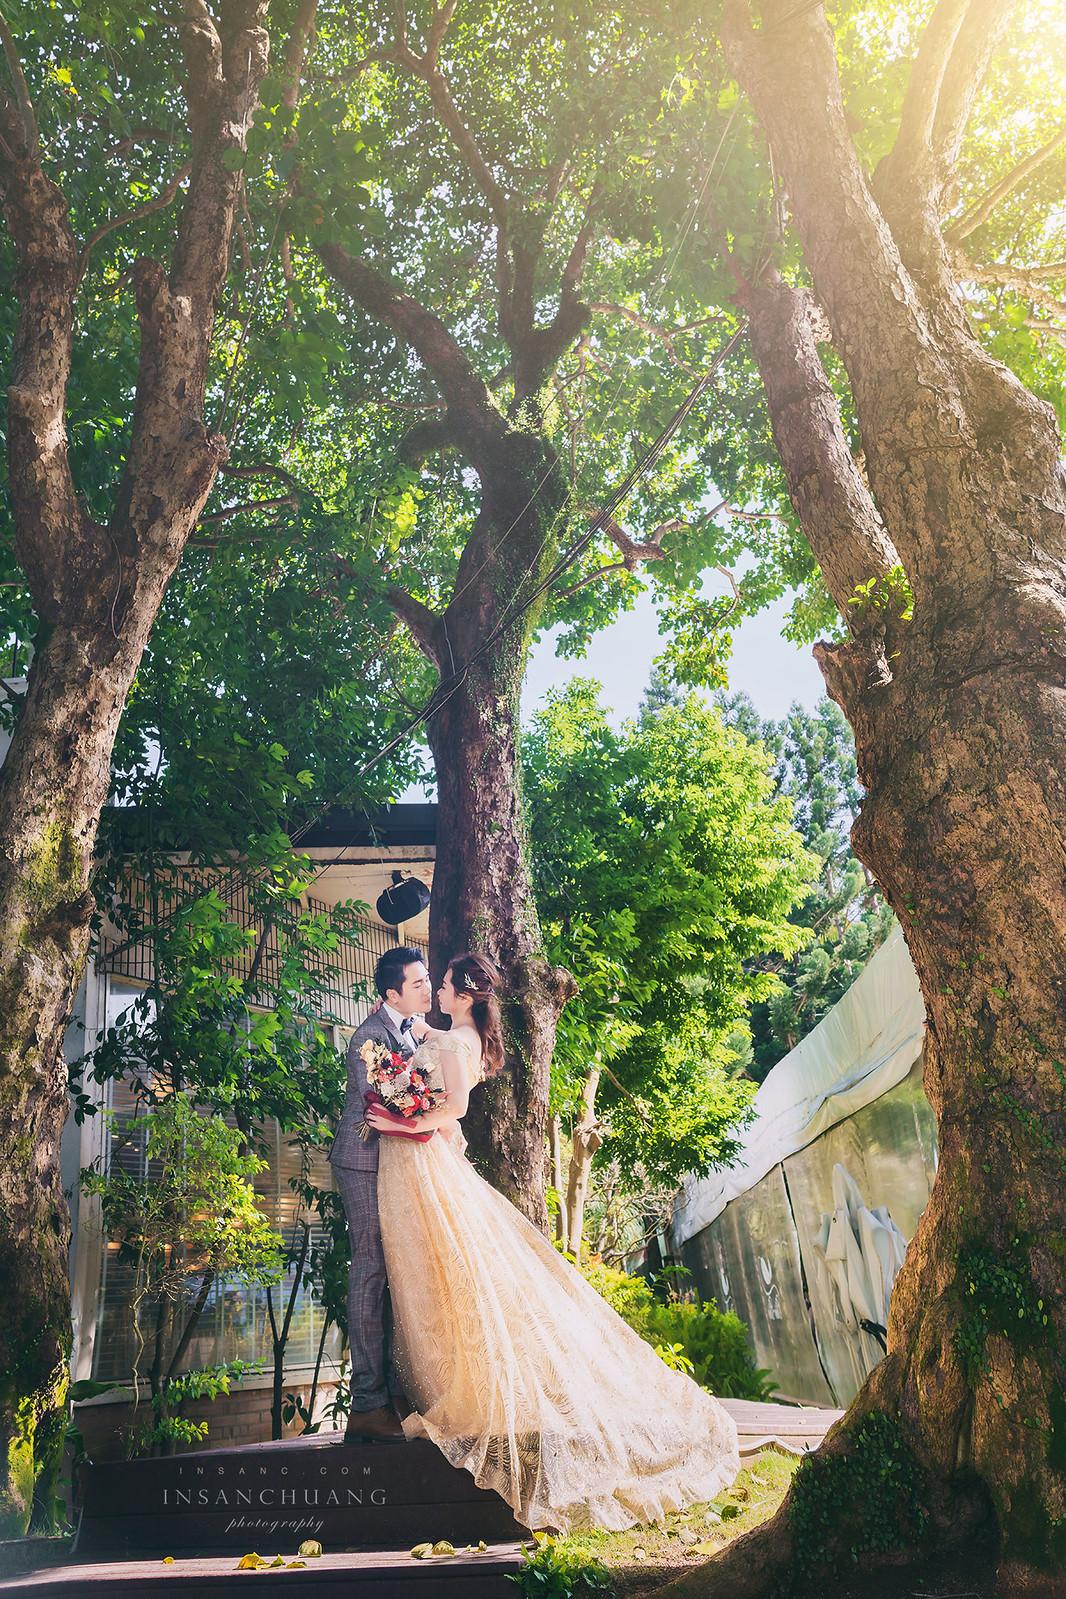 婚攝英聖青青食尚花園會館凡爾賽I7R00672-1920